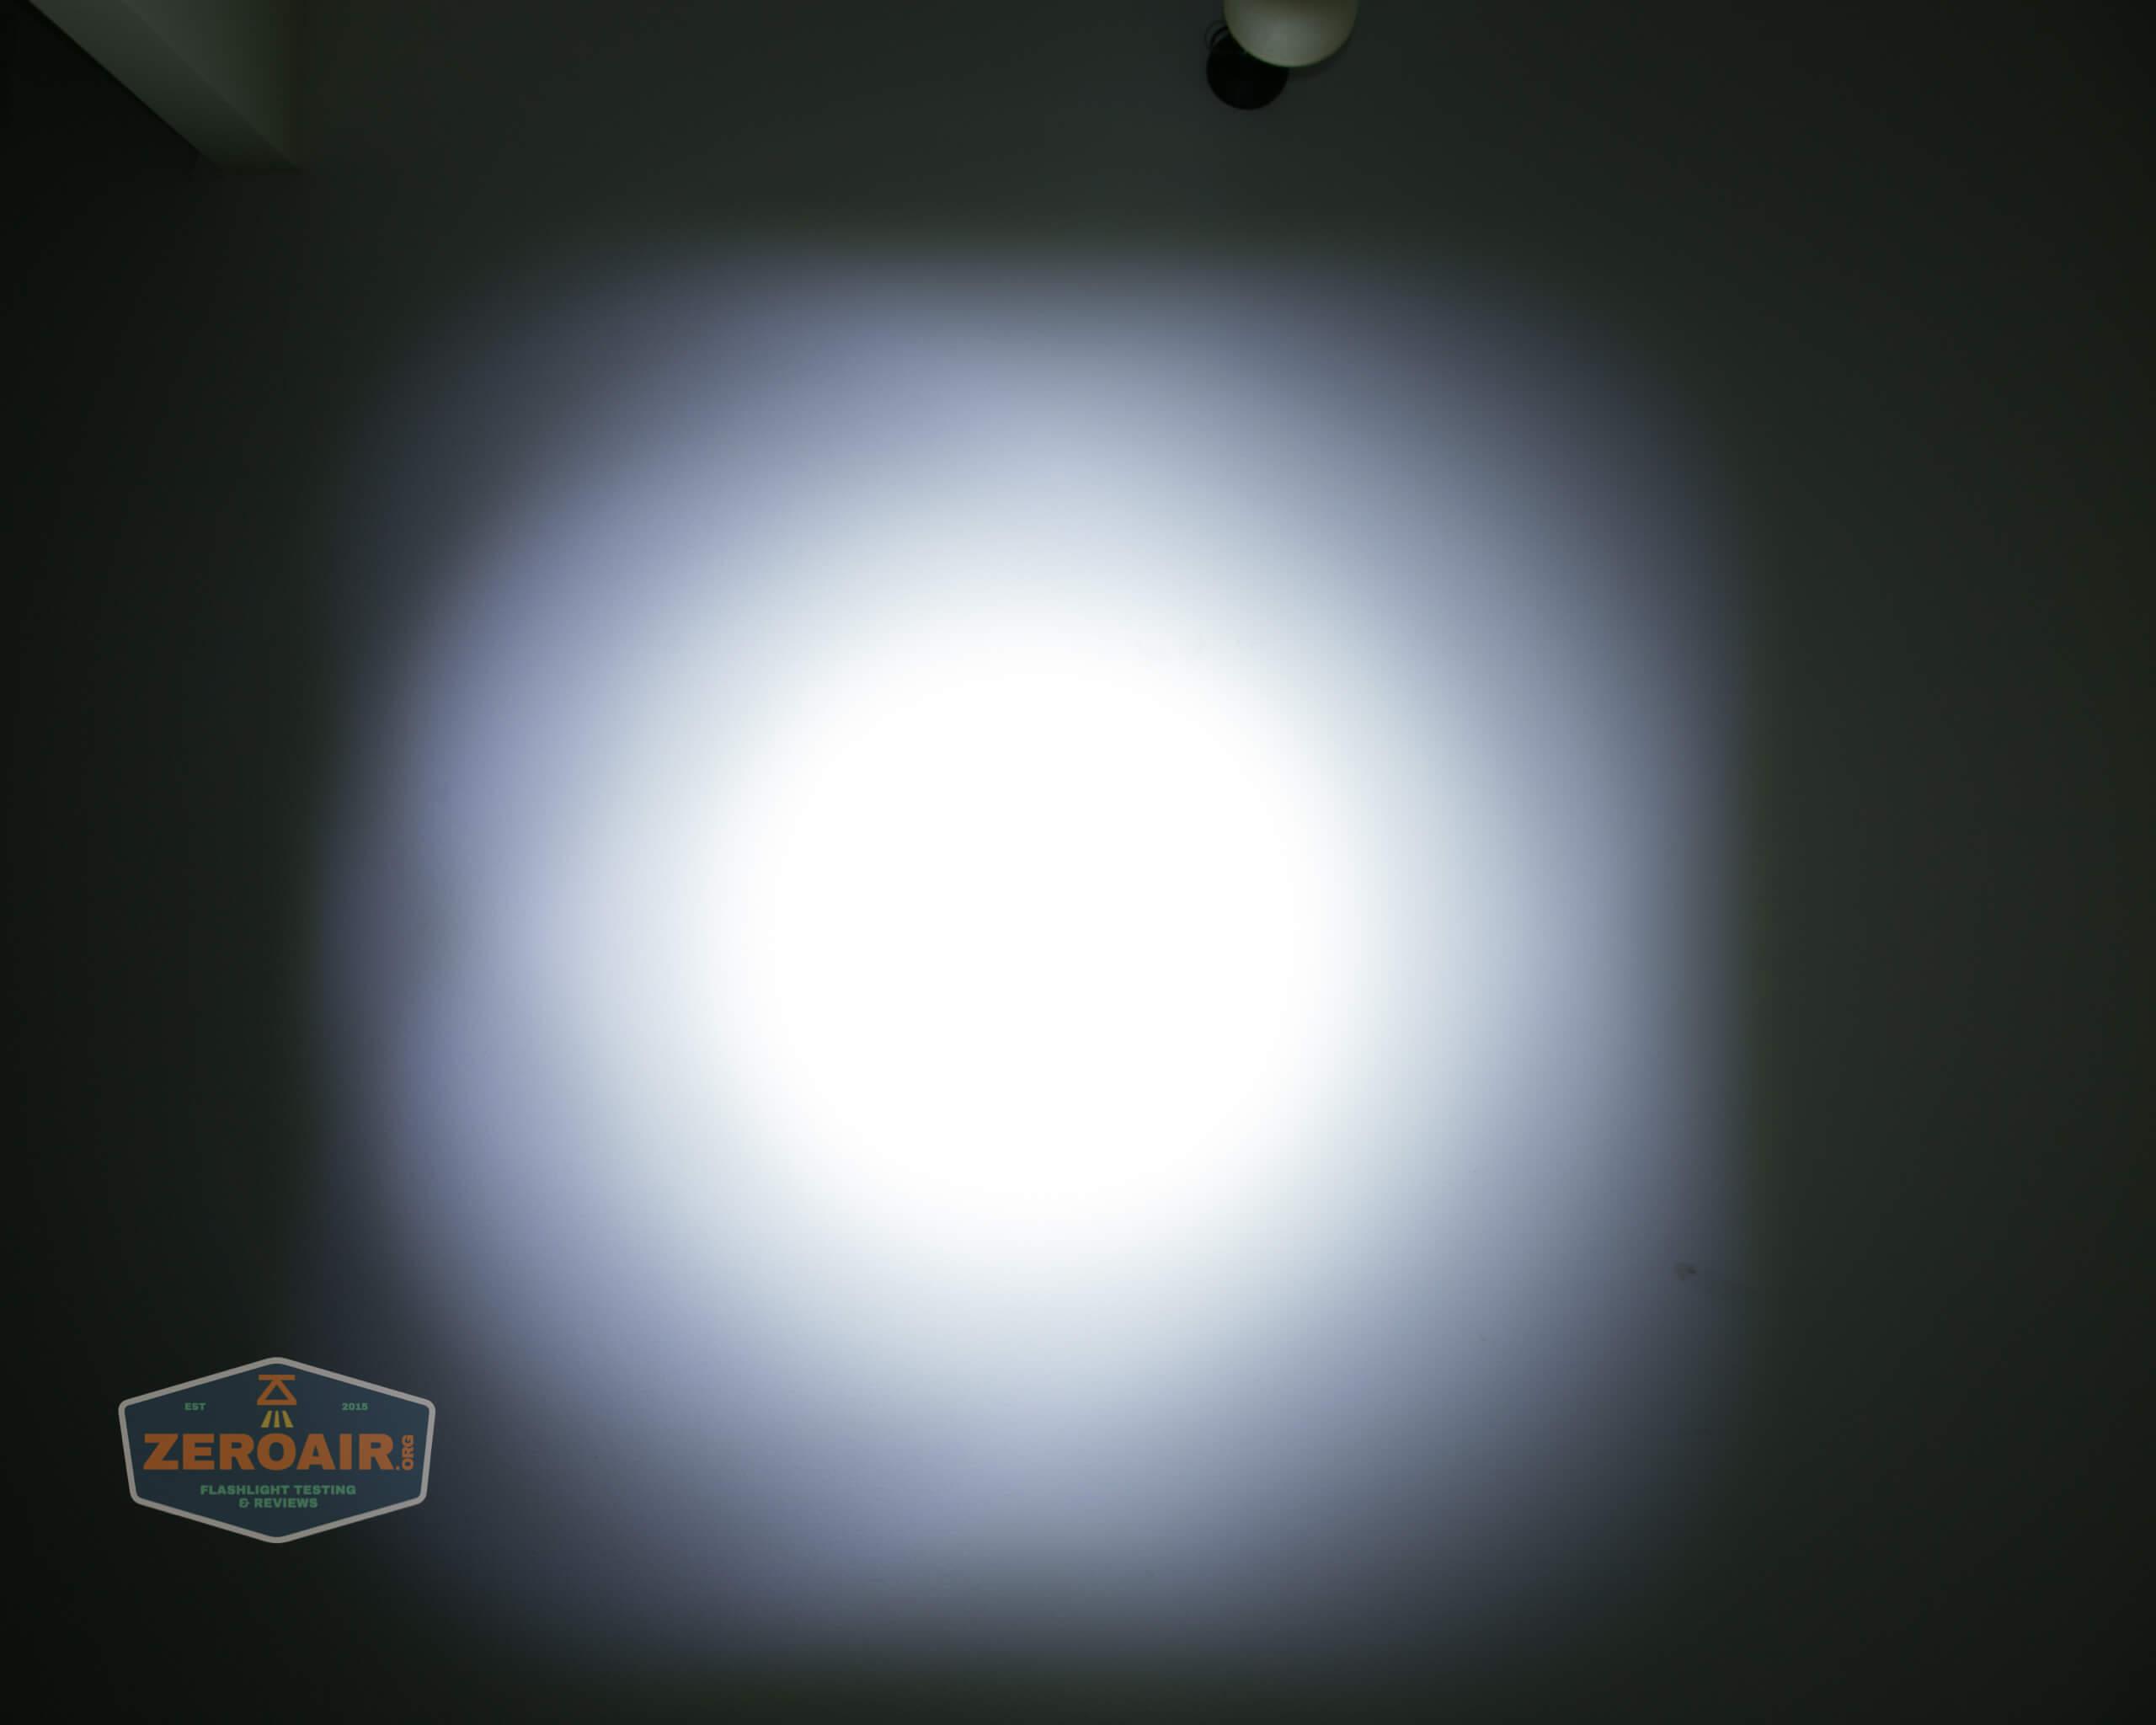 olight freyr rgb flashlight ceiling beamshots 3